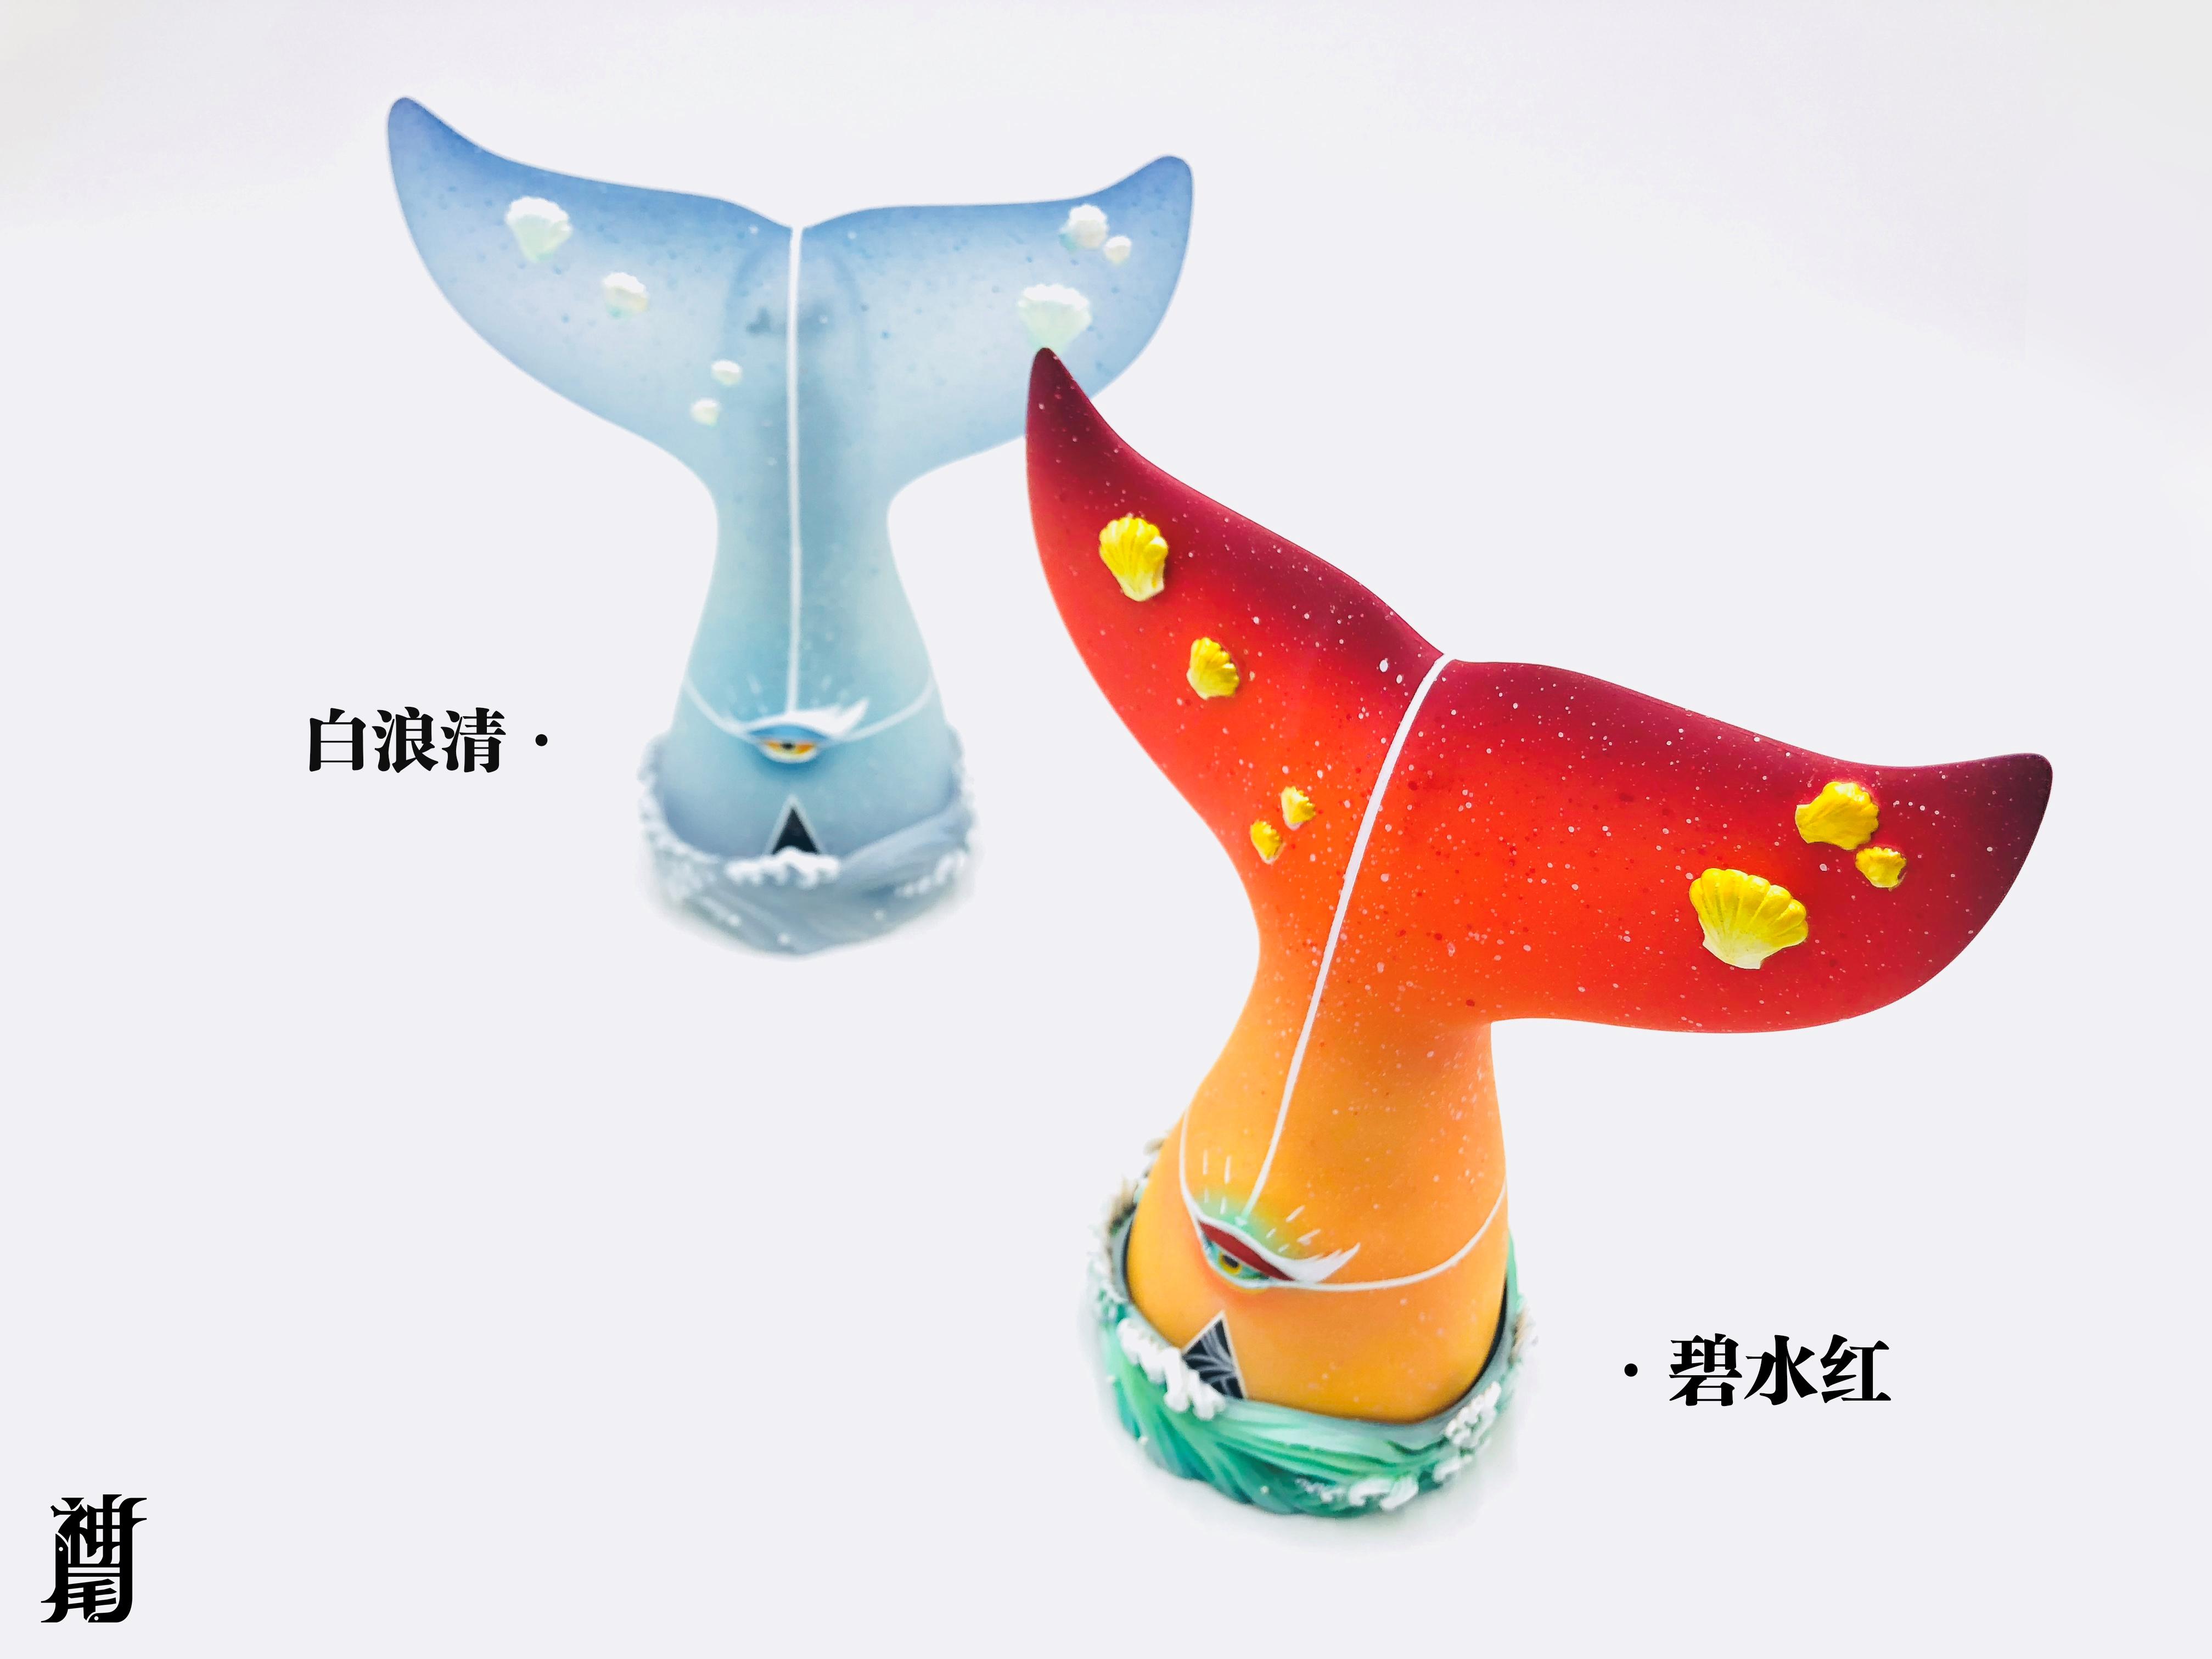 神尾灯塔第二弹-3.jpg